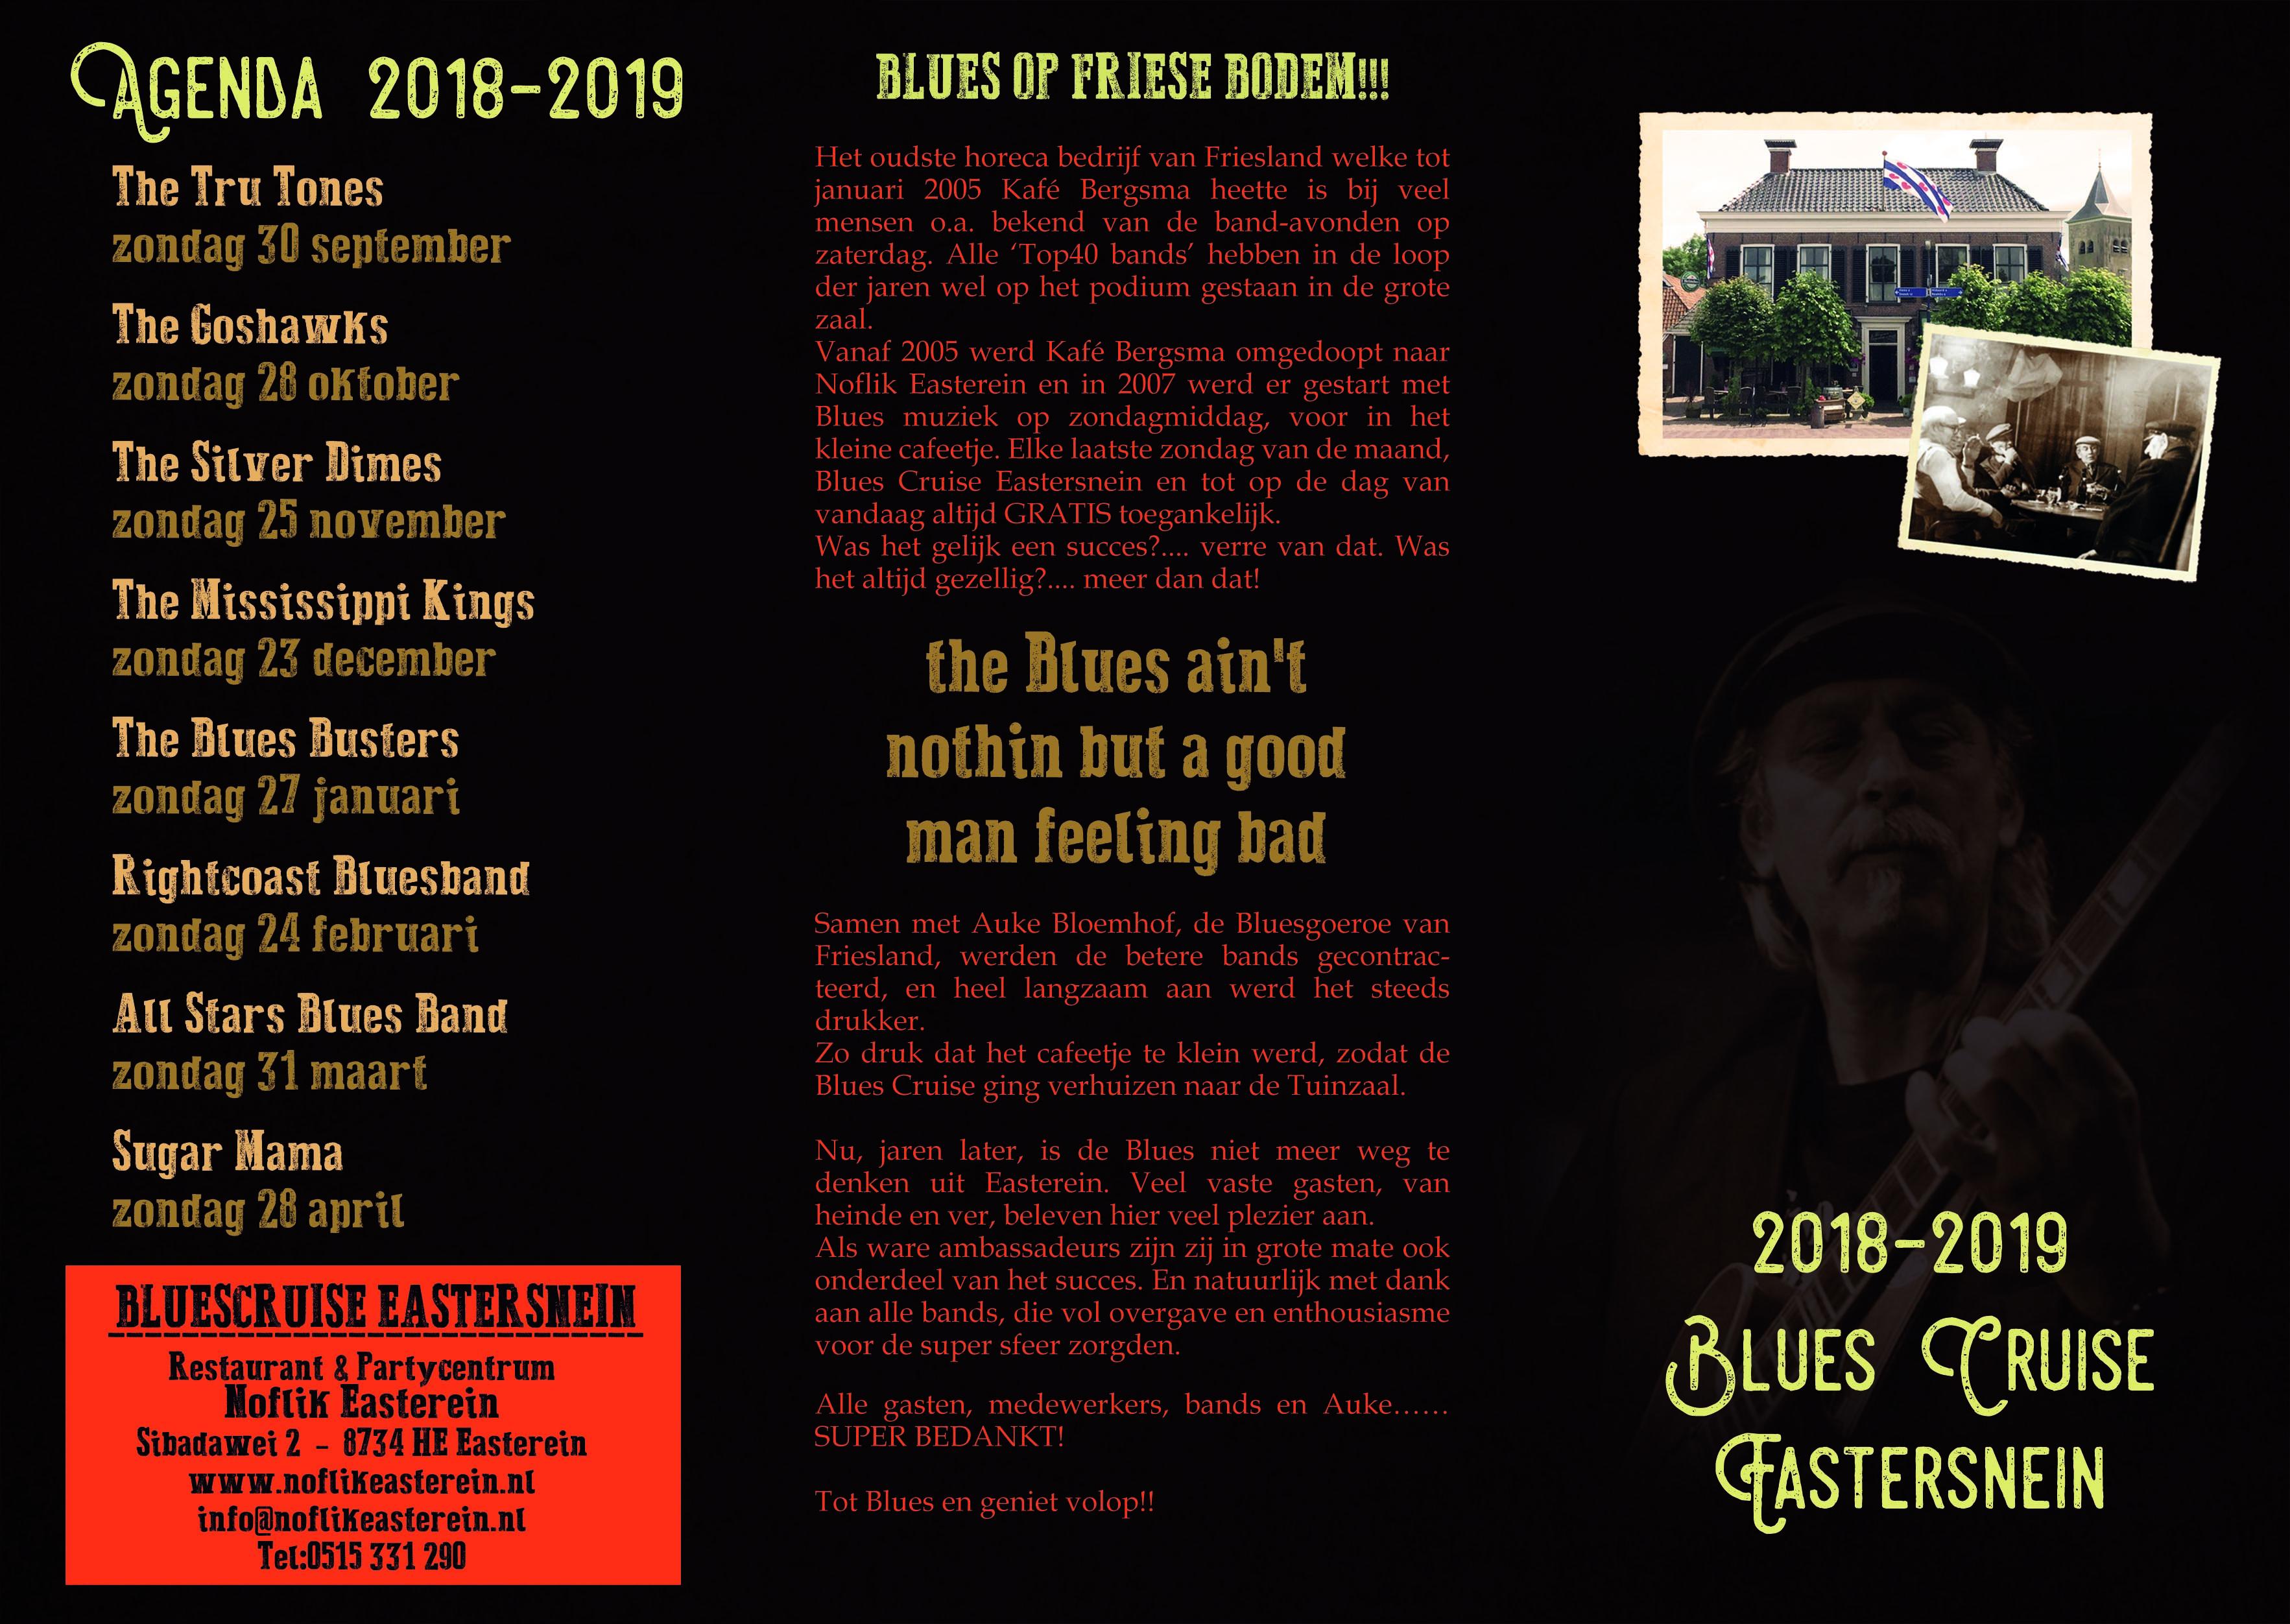 2018:2019 bluescruise buitenkant